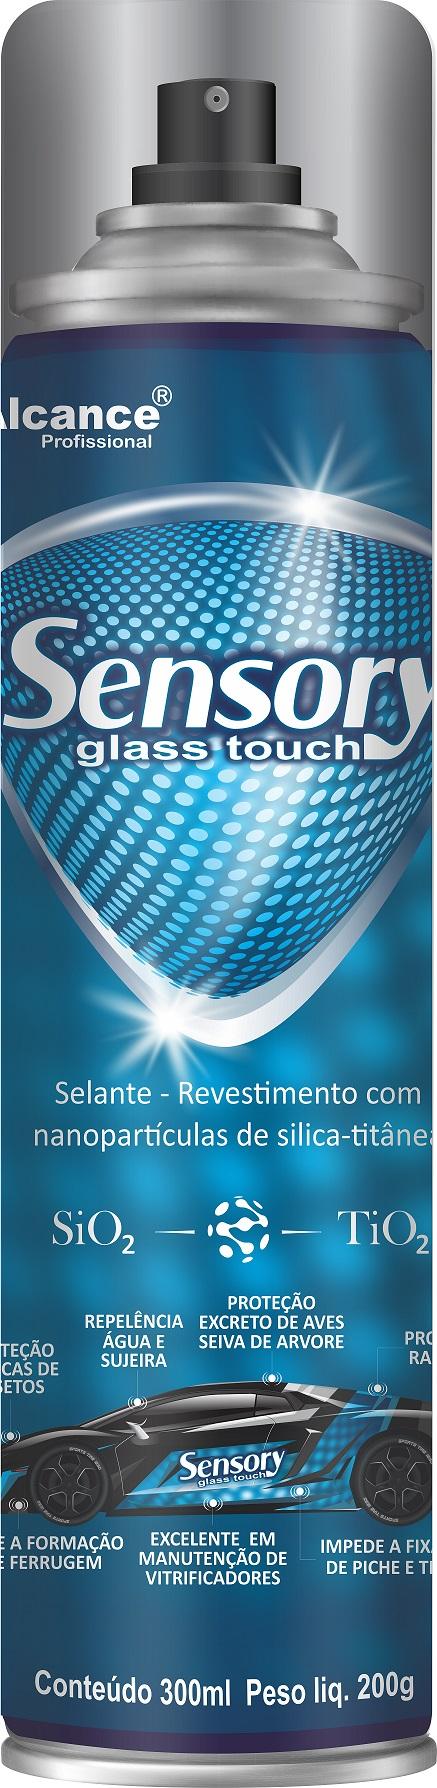 Sensory Selante de Longa Duração 300ml Alcance Profissional